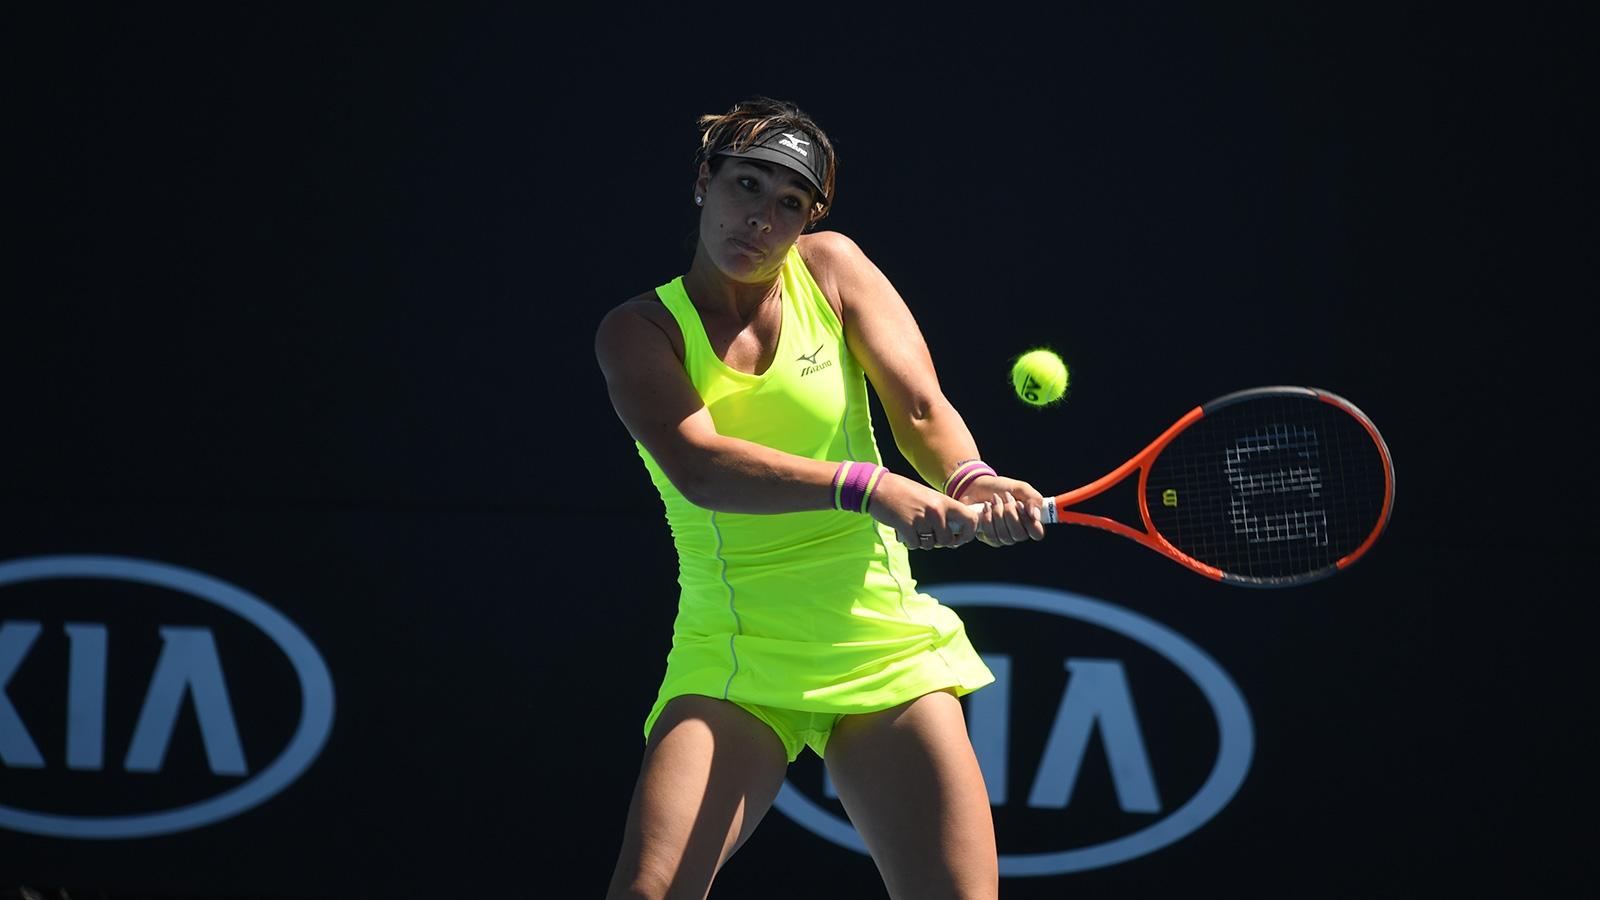 Елица Костова преодоля успешно квалификациите на турнира с награден фонд